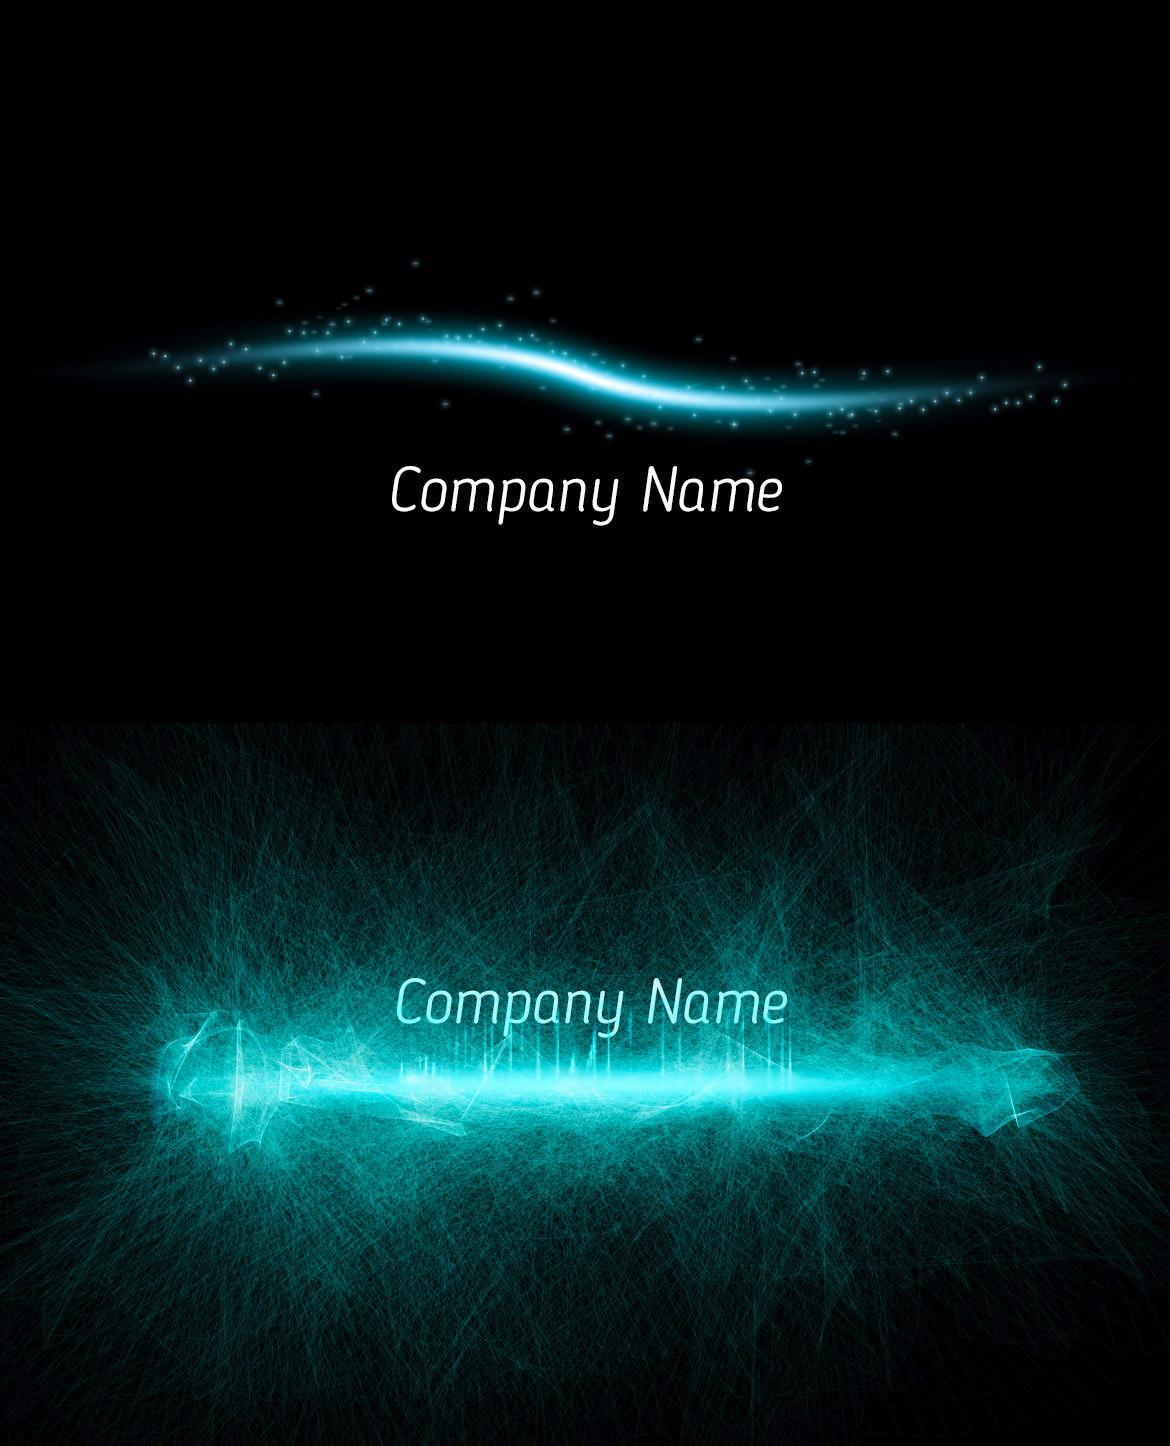 Photoshop CC チュートリアル / 光のラインの作り方 のサンプル